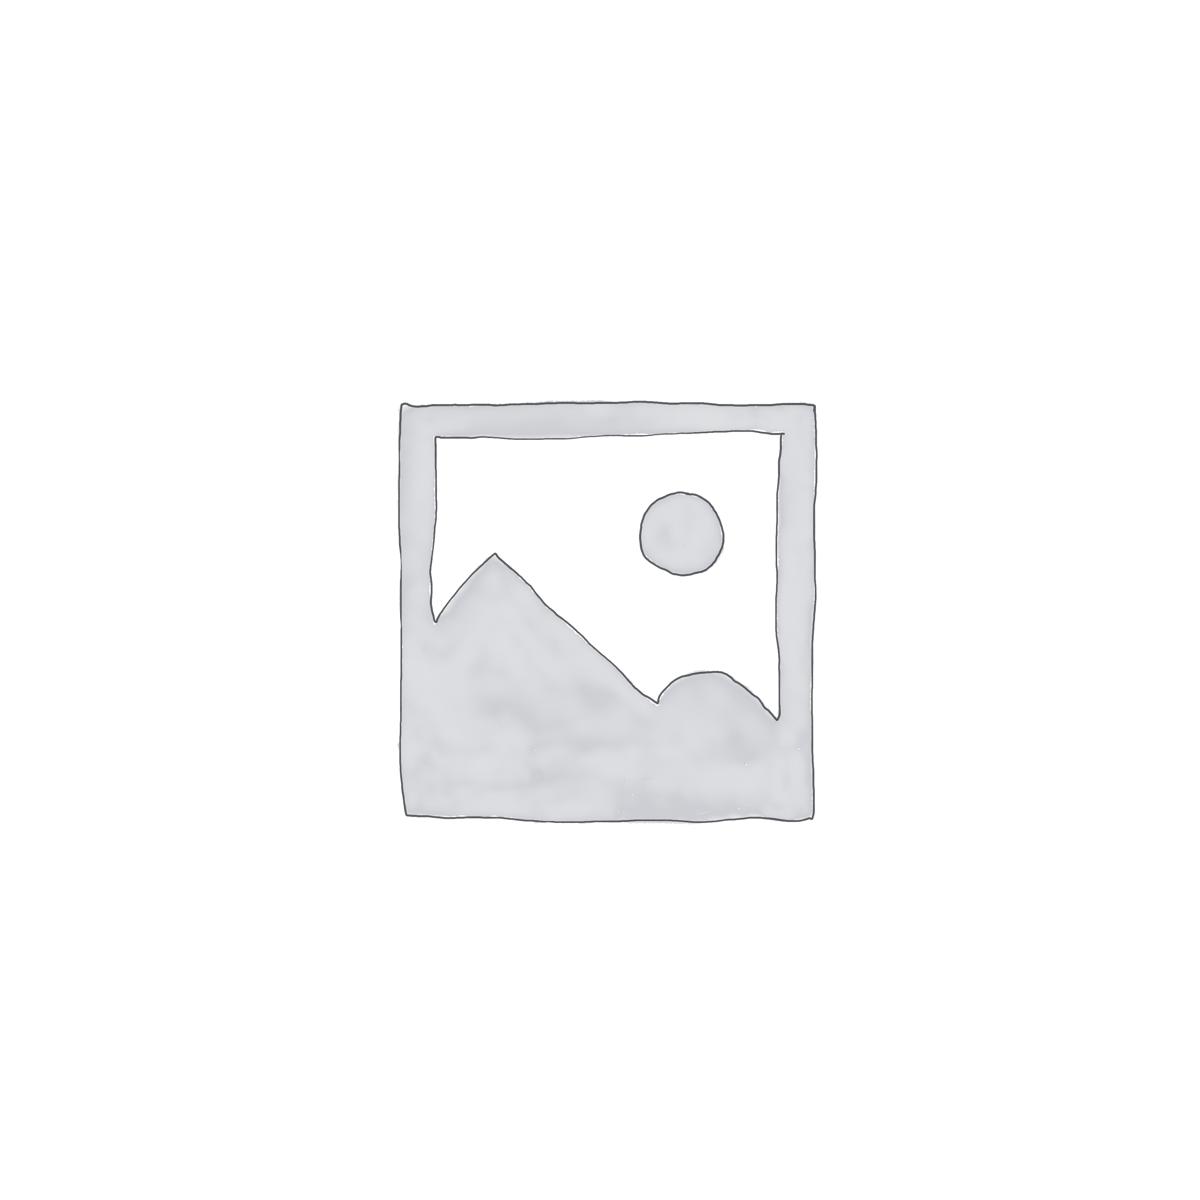 Robas Lund Lowboard, Fernsehtisch, TV-Schrank, Sonia, Hochglanz/Weiß, LED Effektbeleuchtung Blau, 110 x 42 x 44 cm, 59057W11